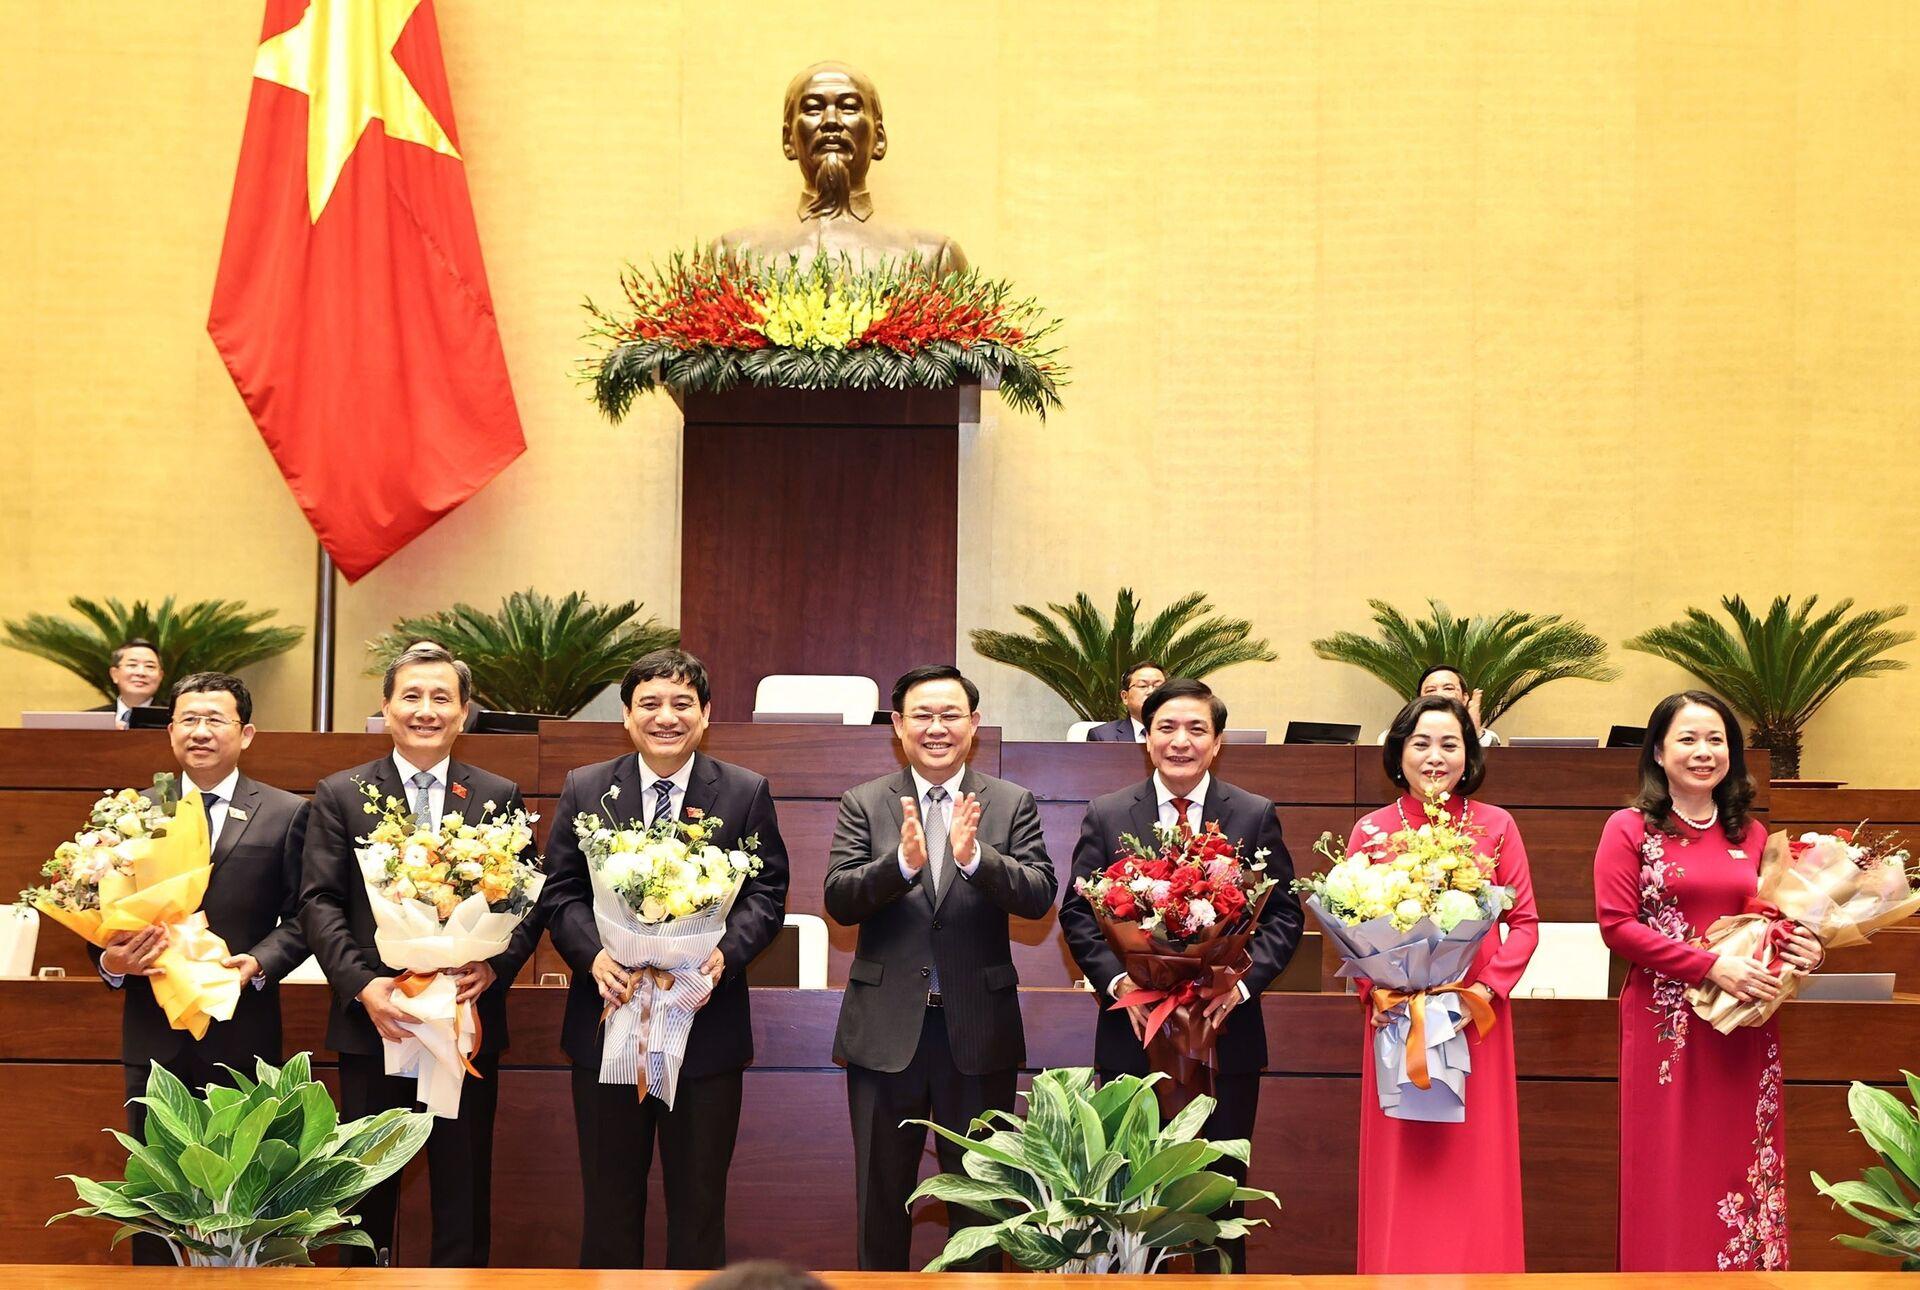 Giới thiệu ông Trần Sỹ Thanh làm Tổng Kiểm toán Nhà nước - Sputnik Việt Nam, 1920, 06.04.2021